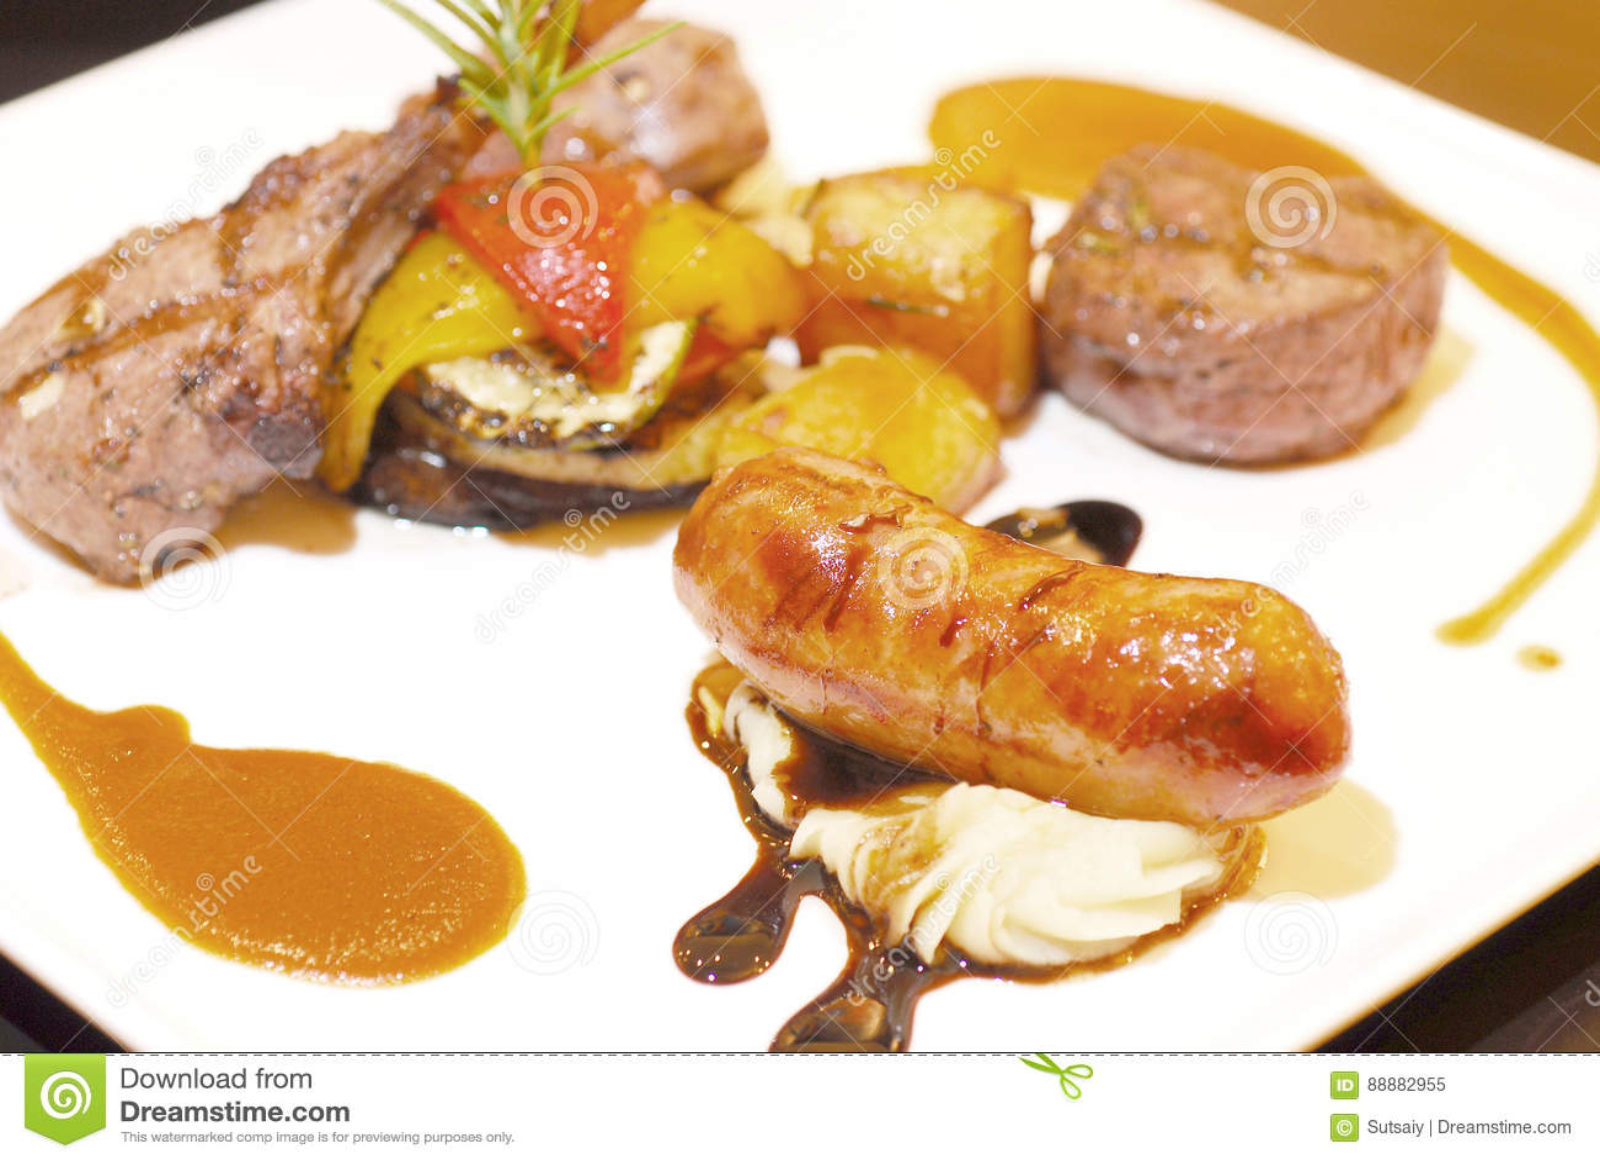 Juicy sausages